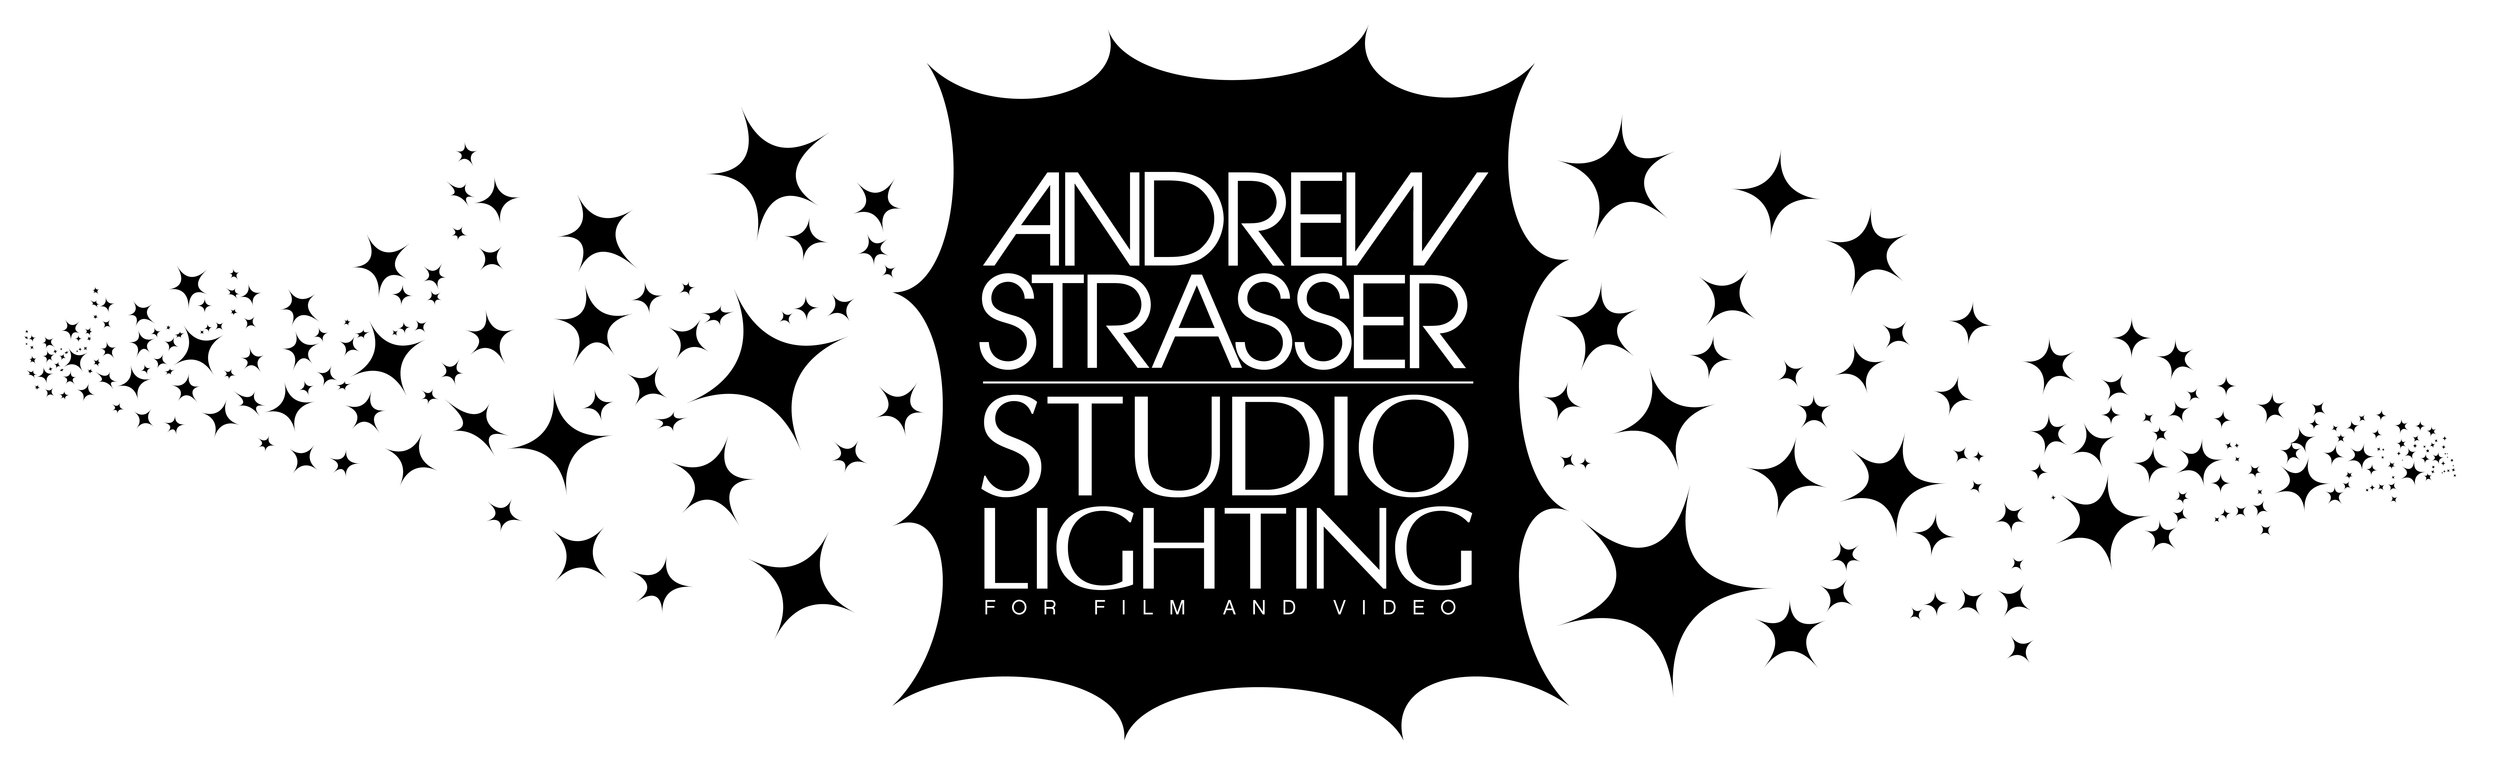 ANDREW STRASSER LOGO - STUDIO LIGHTING LOGO.jpg